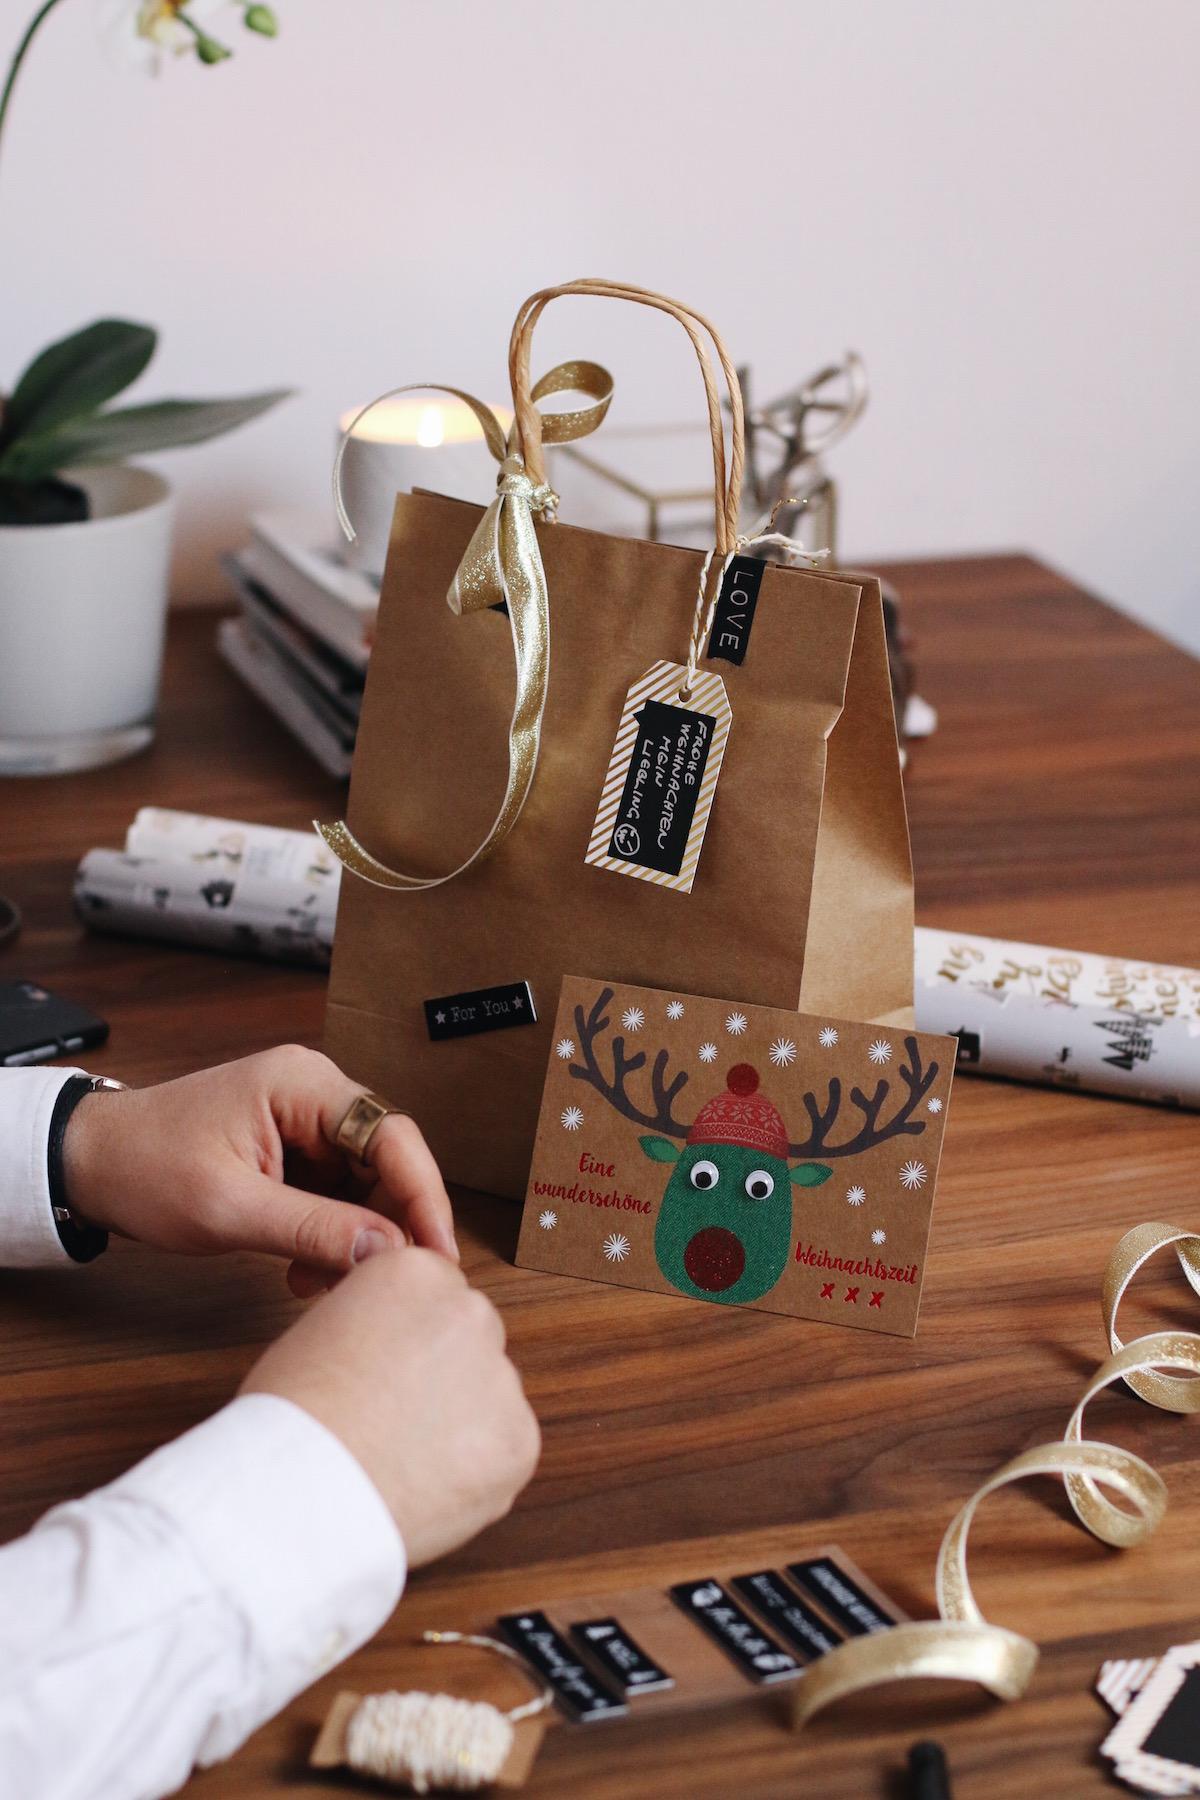 Weihnachtsgeschenke für den Partner finden_Freude Schenken mit dm_dm online shop_Meanwhile in Awesometown_Männerblog_Maleblogger_Modeblogger_Lifestyleblogger3